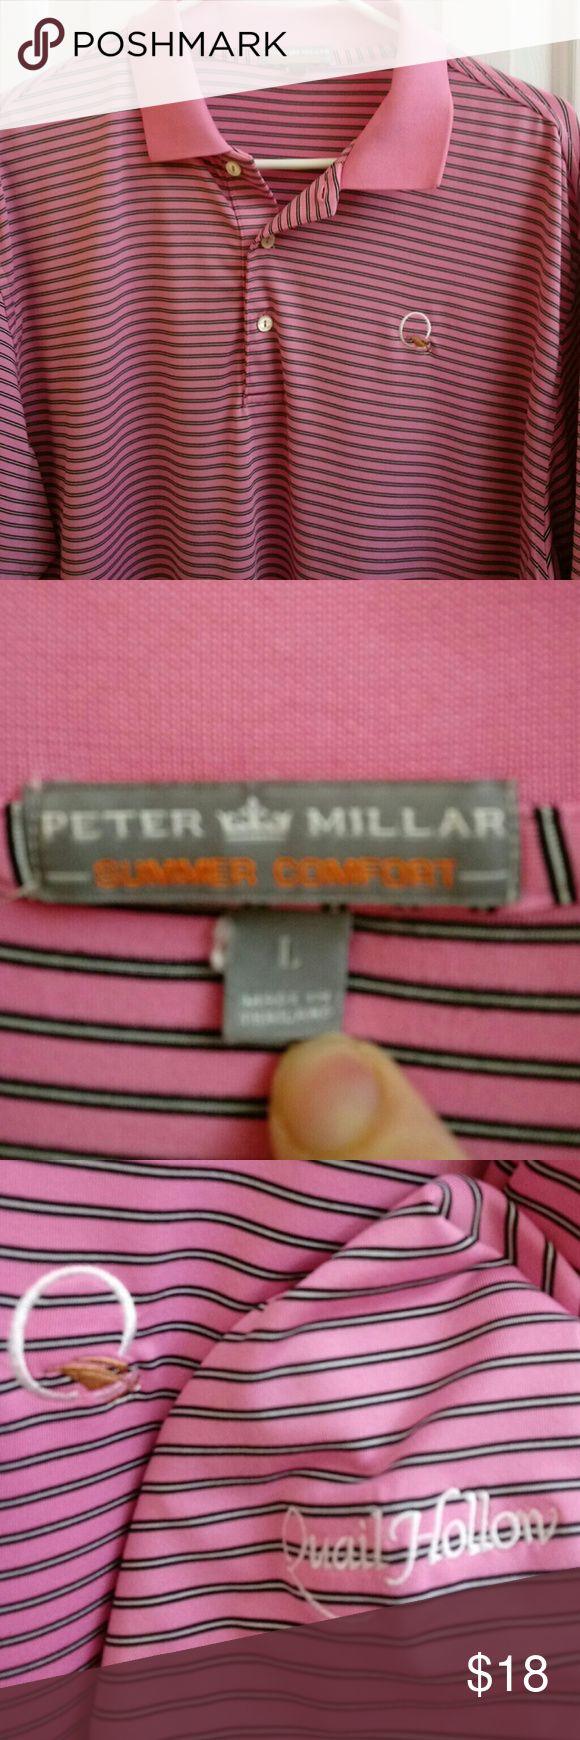 Peter Millar summer comfort men's polo SZ L Men's Peter